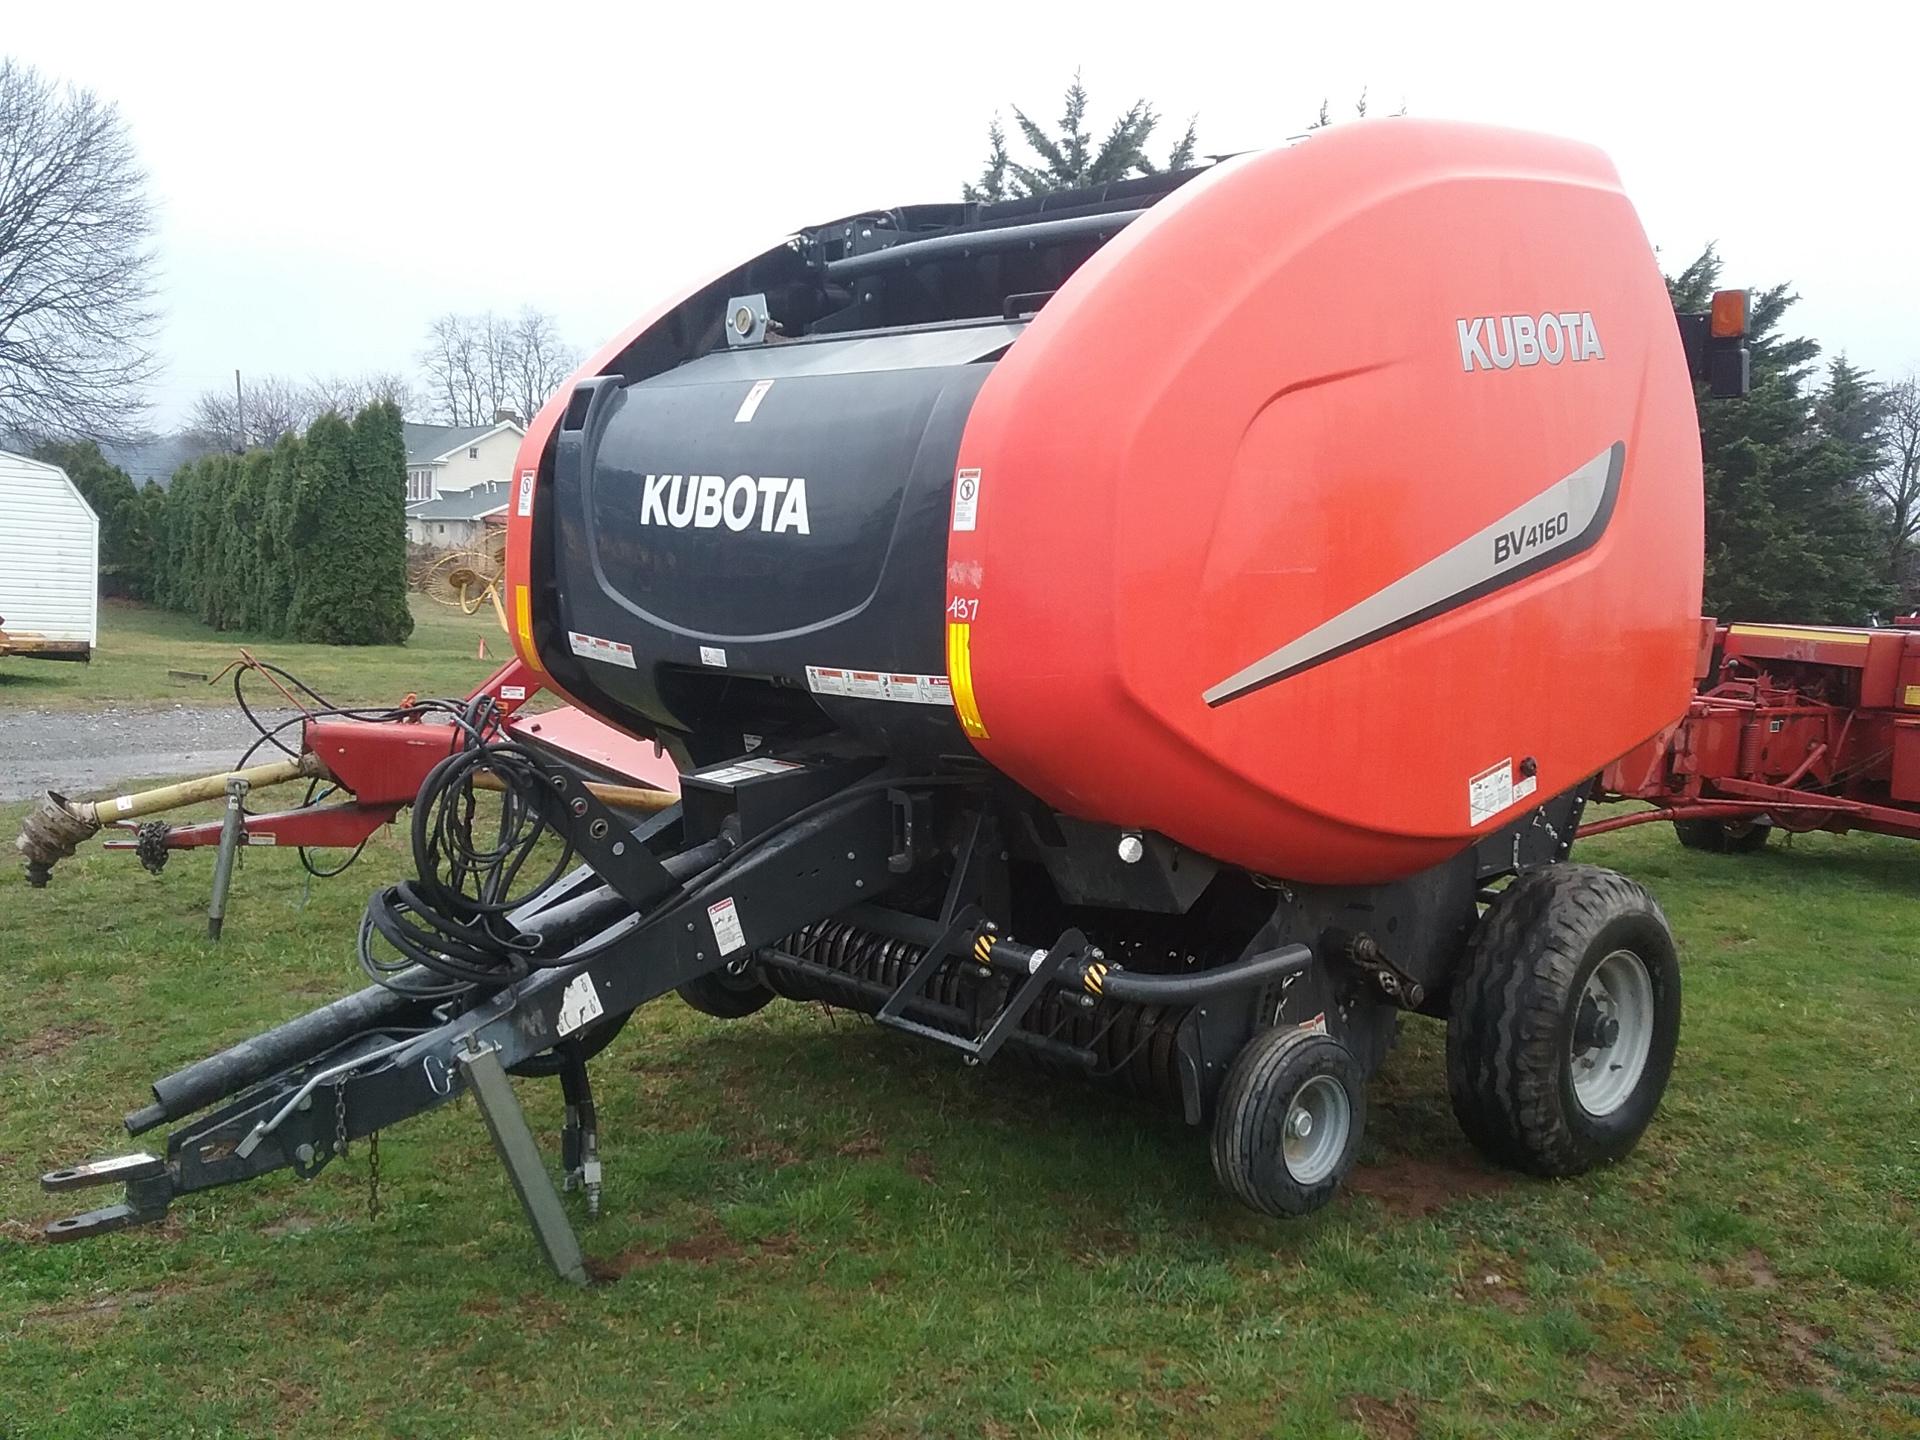 Used KUBOTA BV4160PREMNET $21,900.00